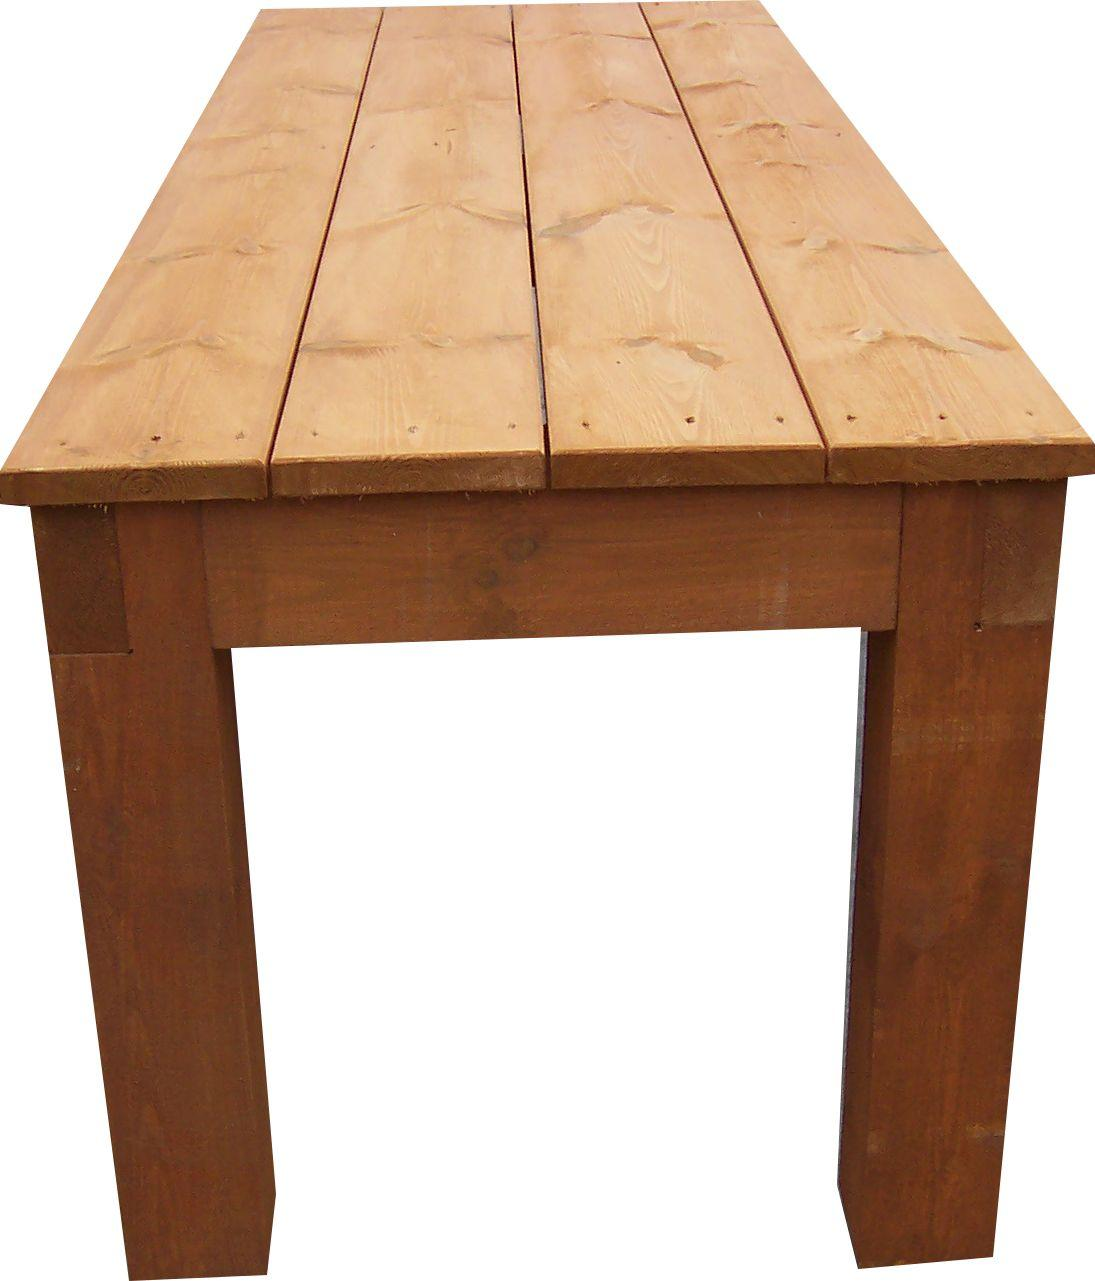 Cucina fai da te legno : piano cucina legno fai da te. cucina ...